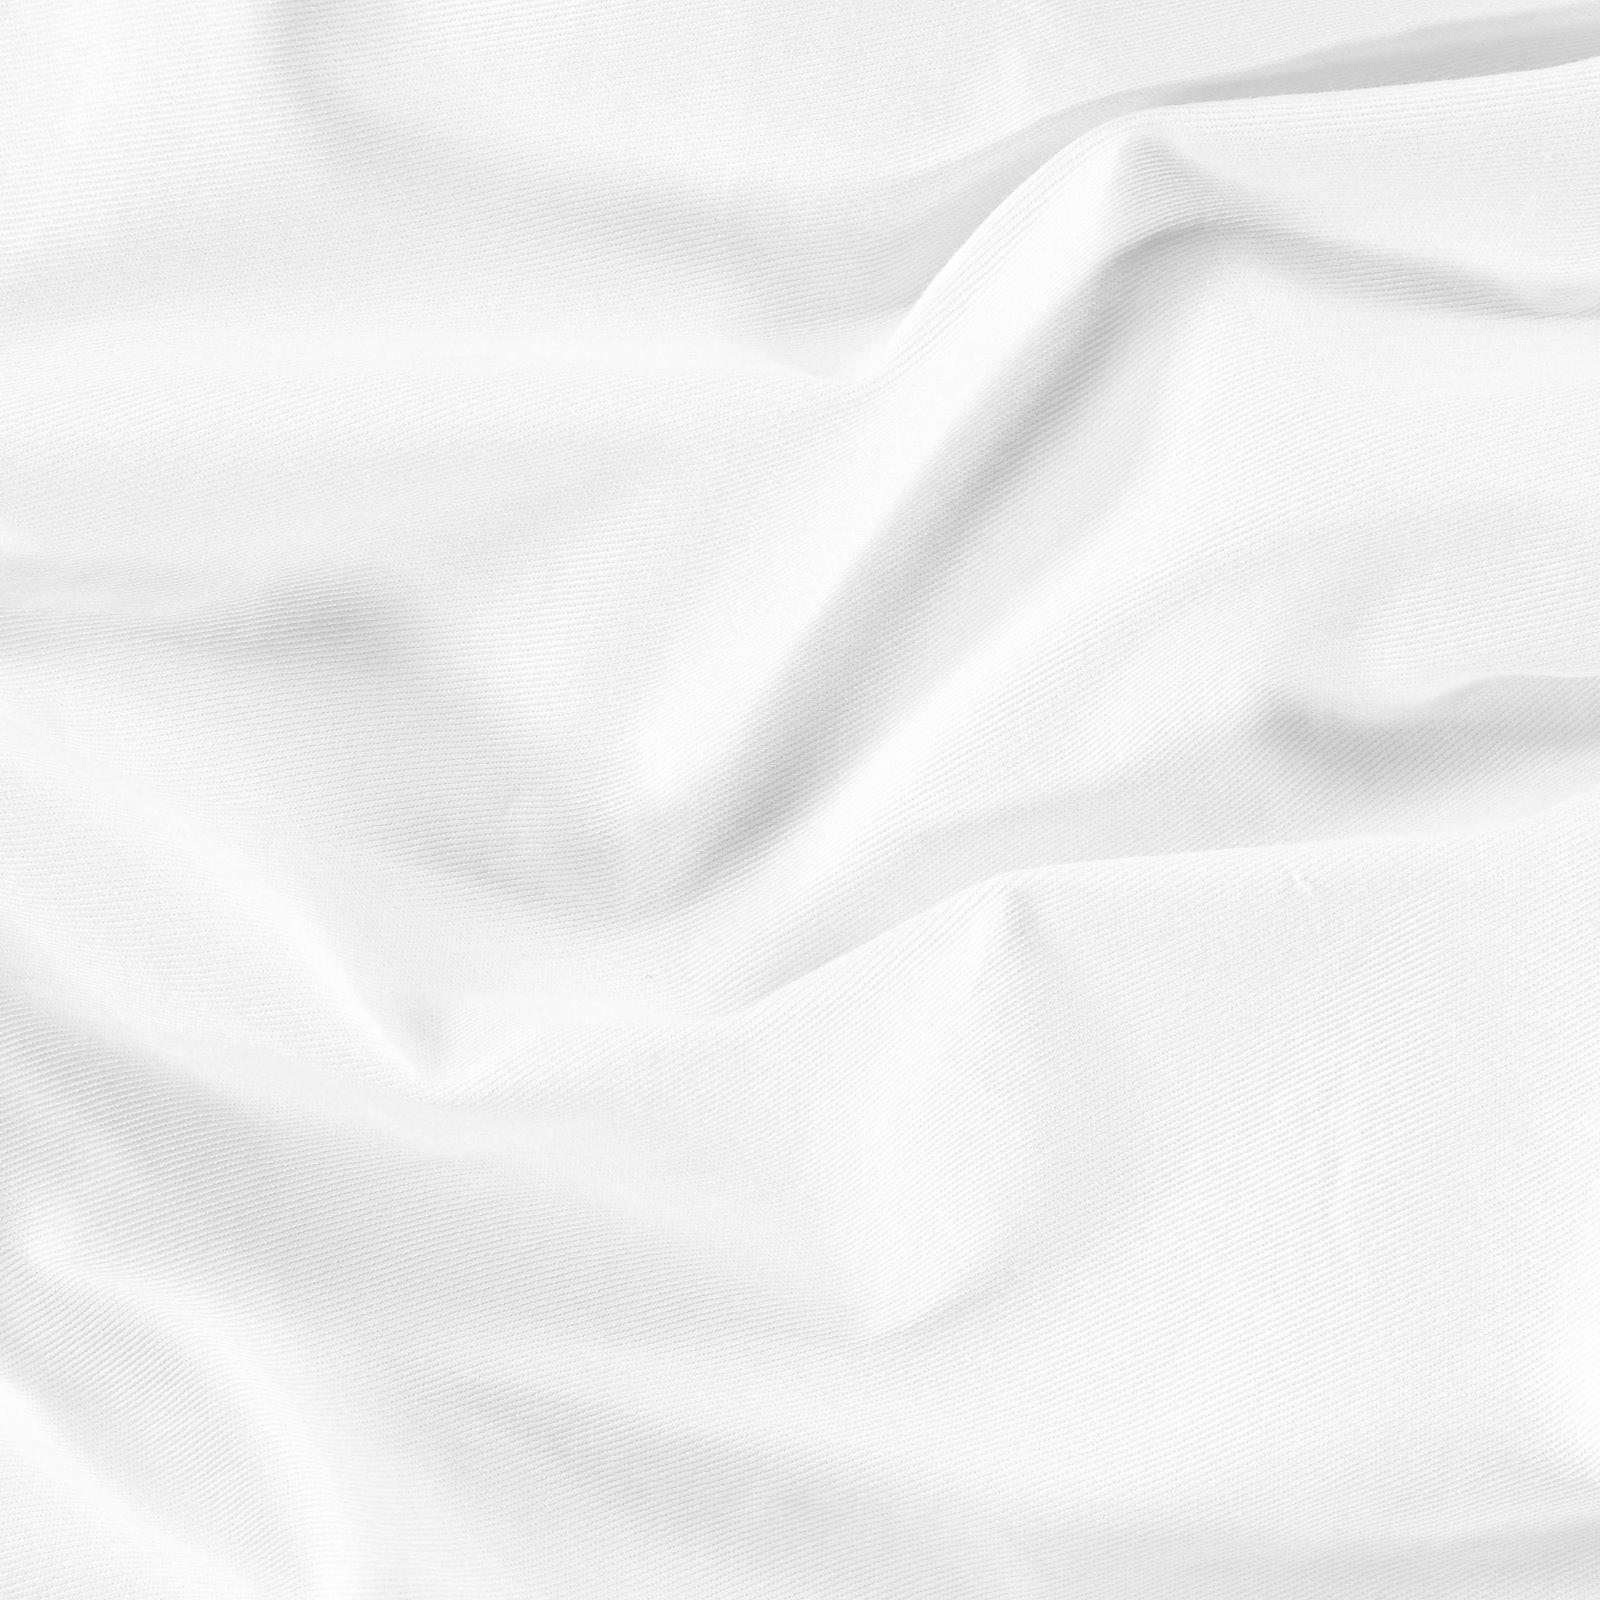 Denim w stretch white 9,5oz